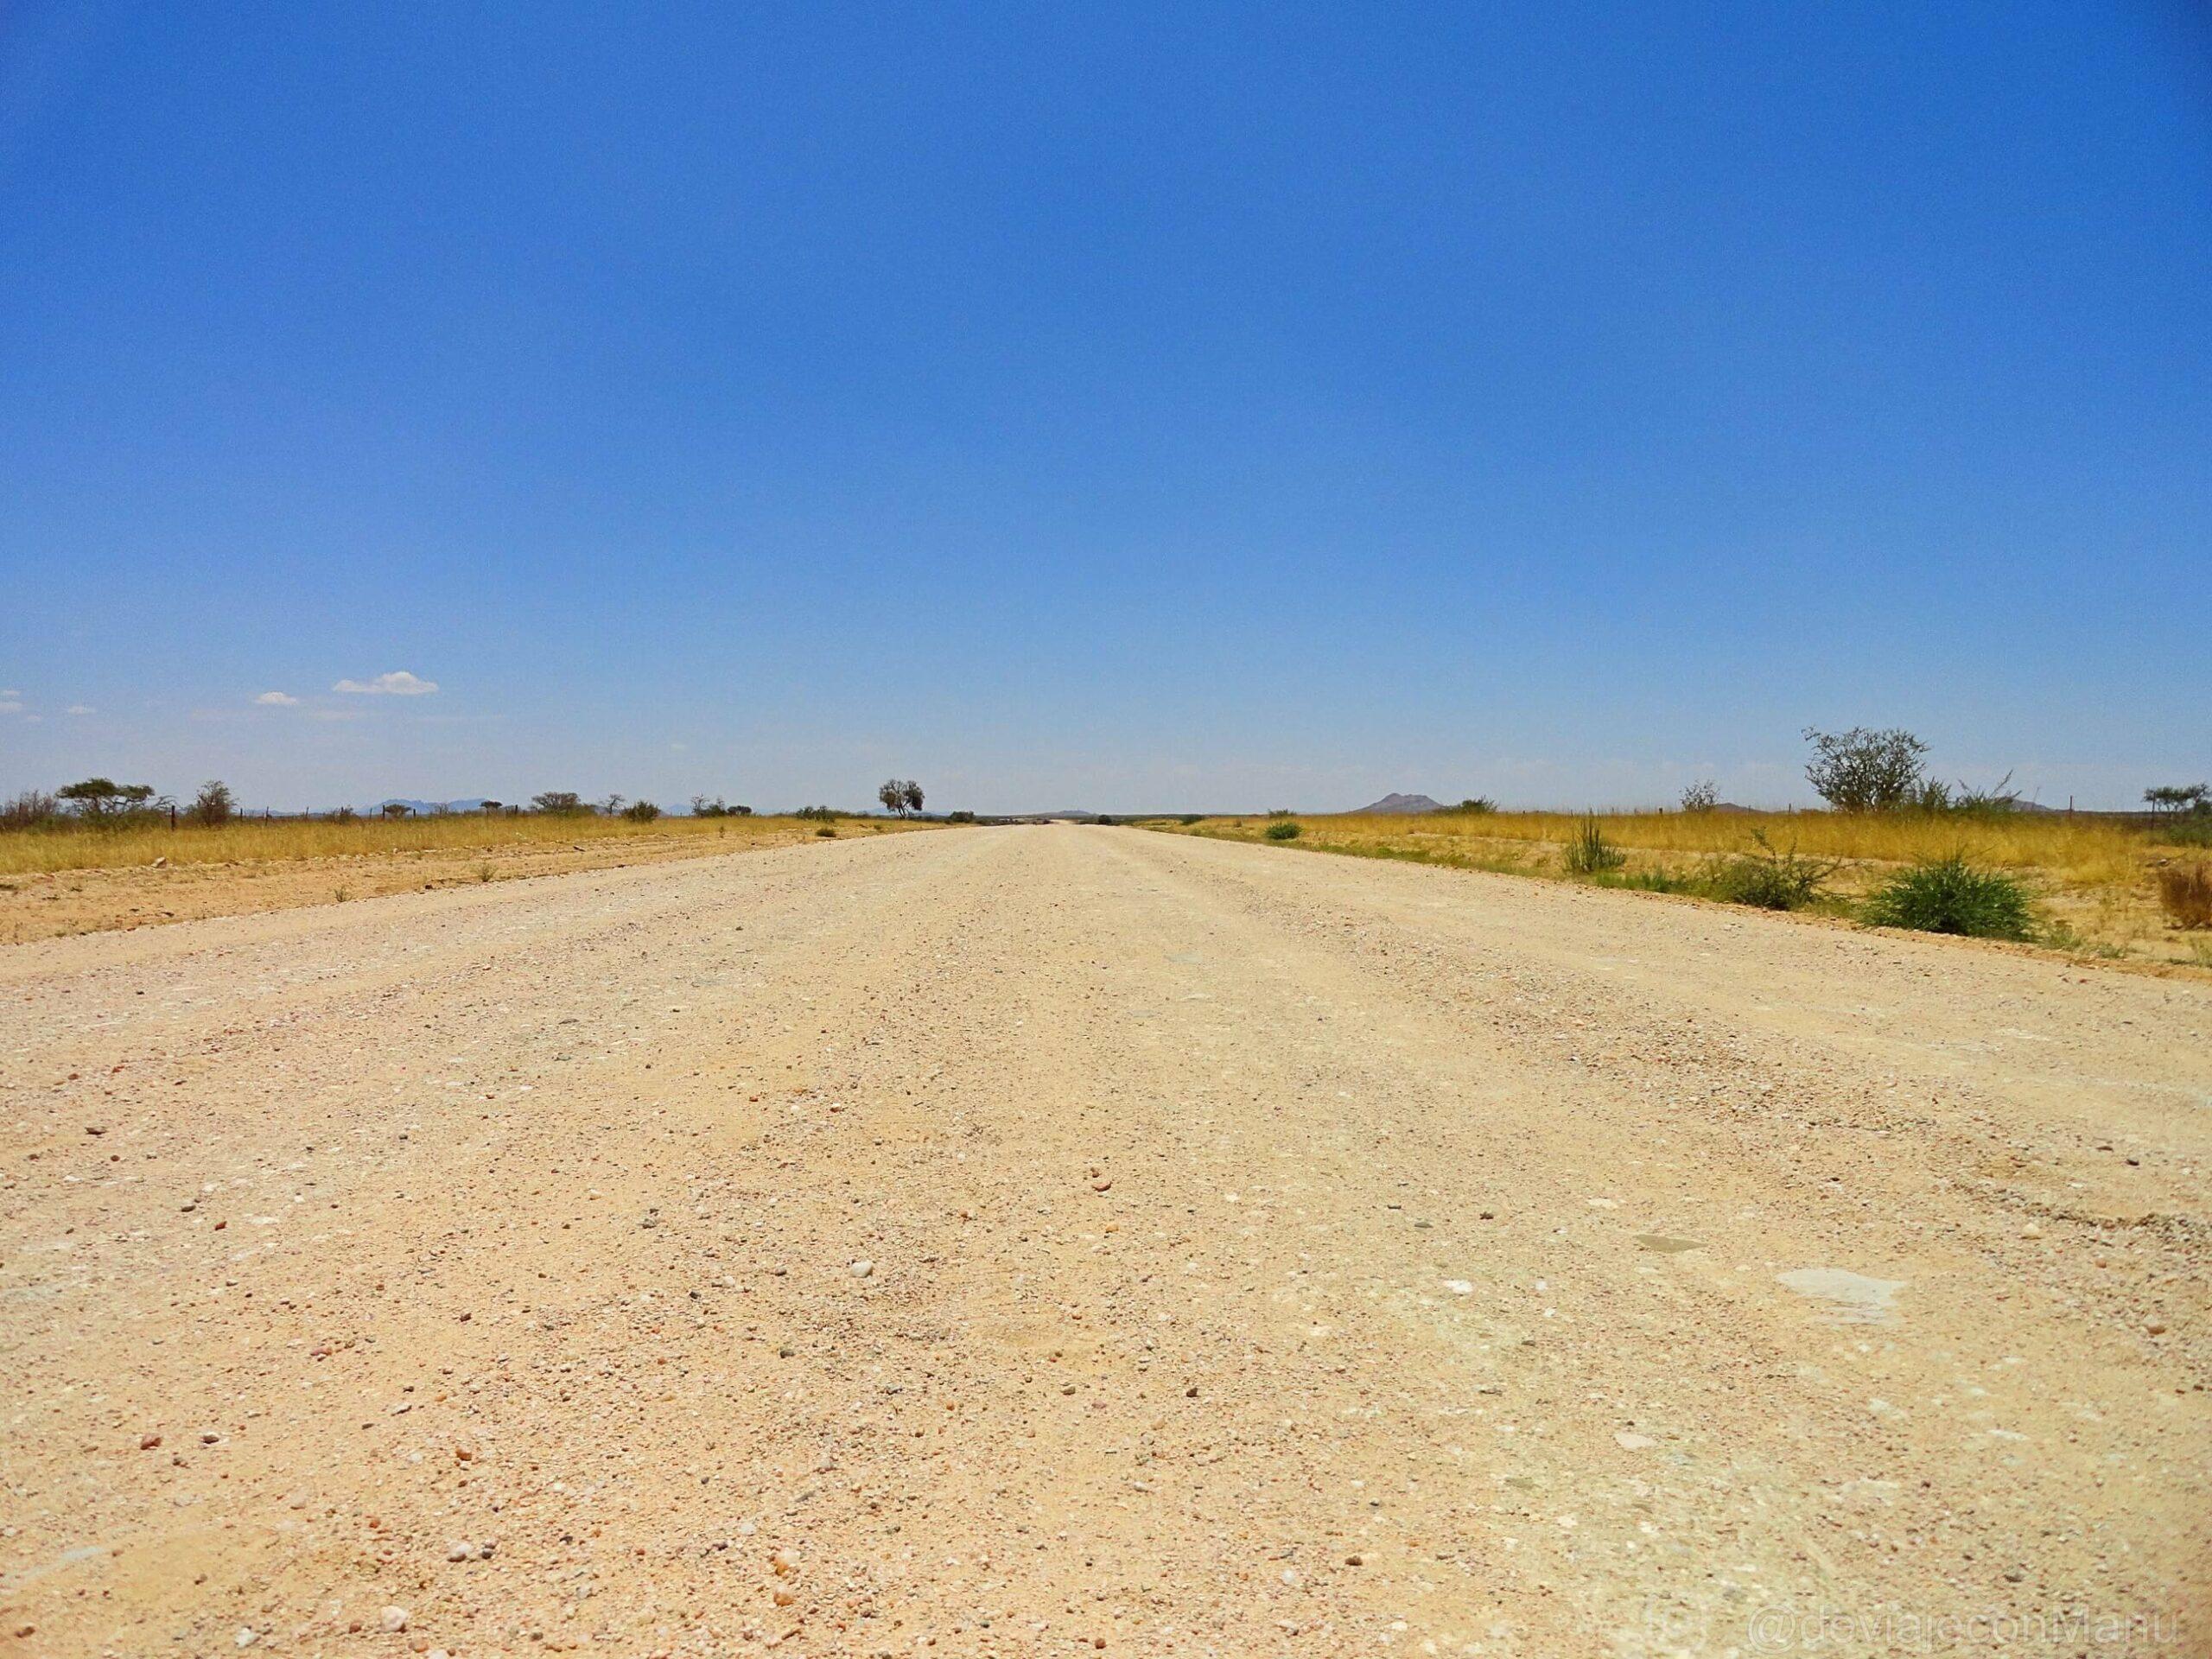 Ruta namibia